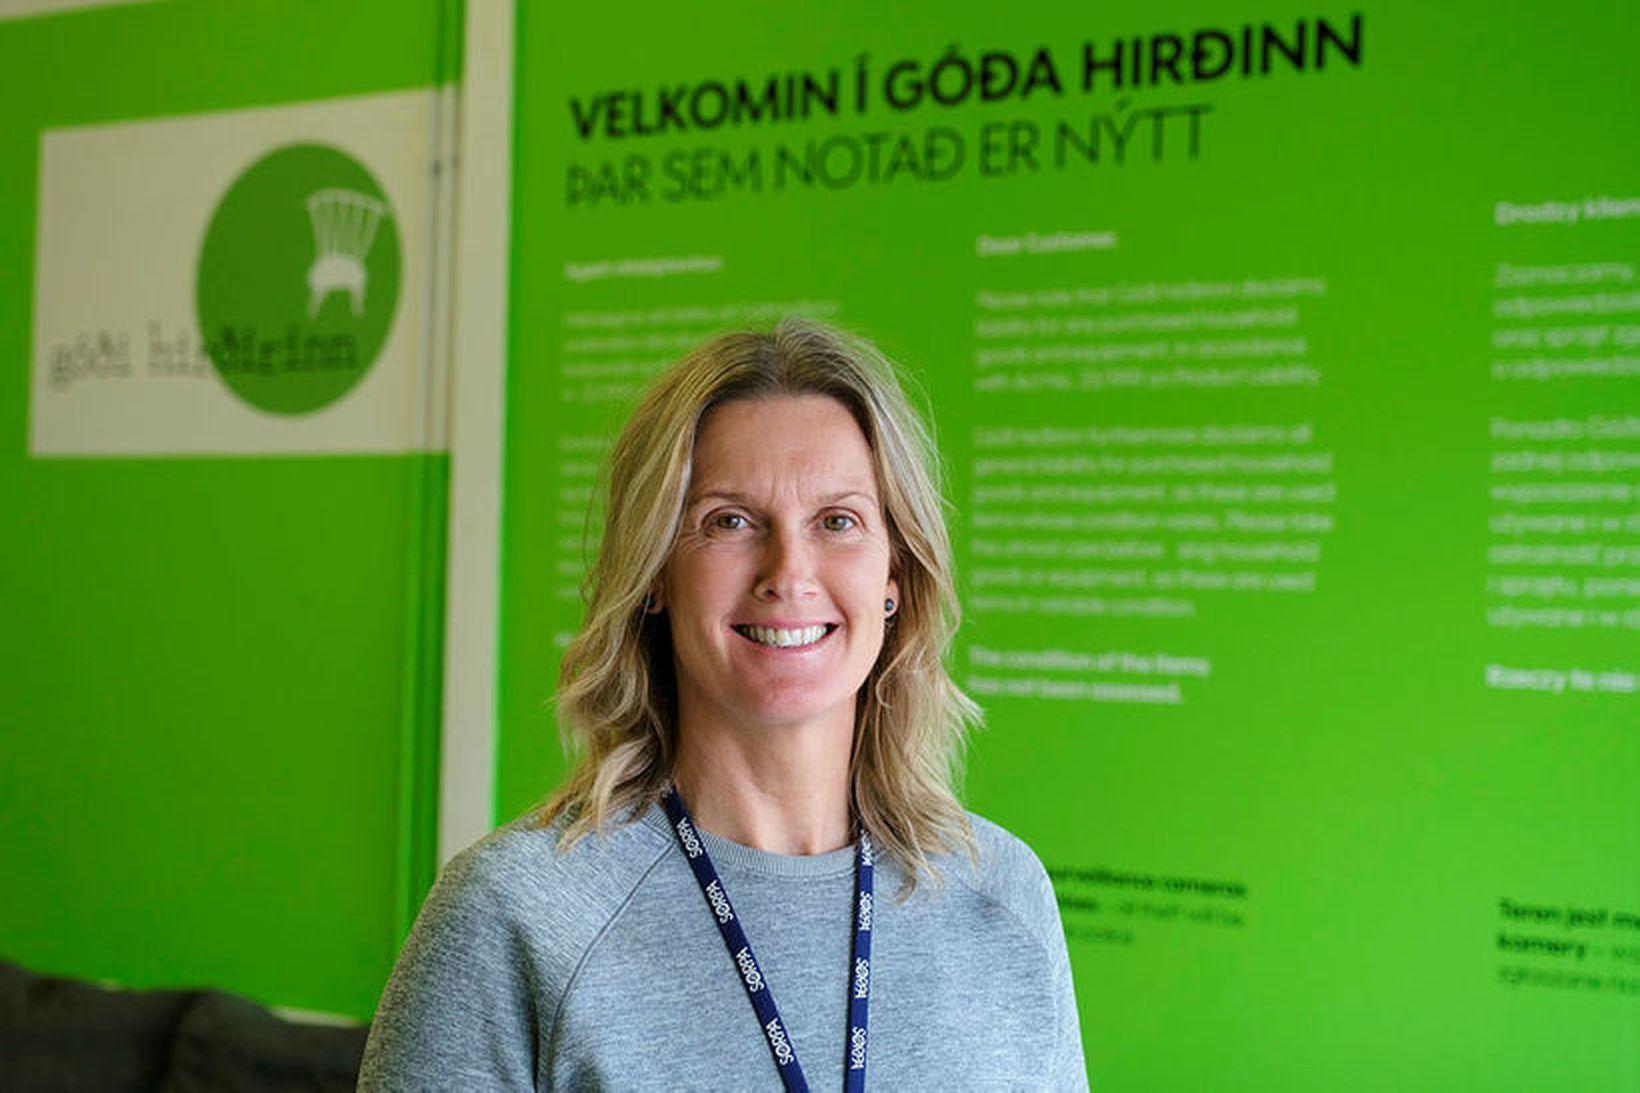 Ruth Einarsdóttir rekstrarstjóri Góða hirðisins.